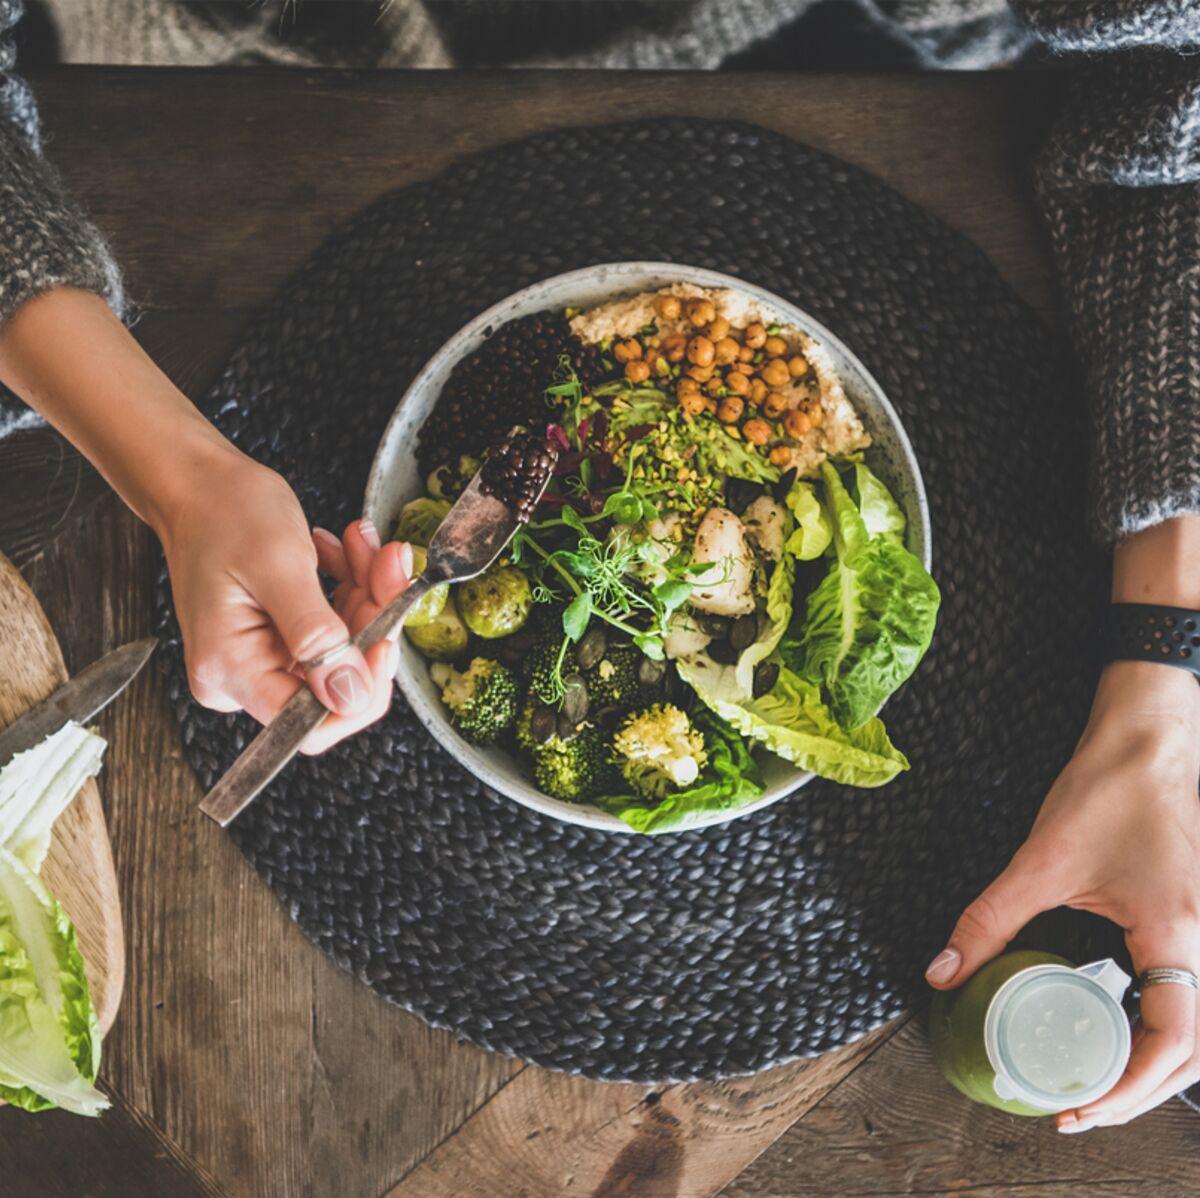 pouvez-vous manger de plus petites portions perdre du poids